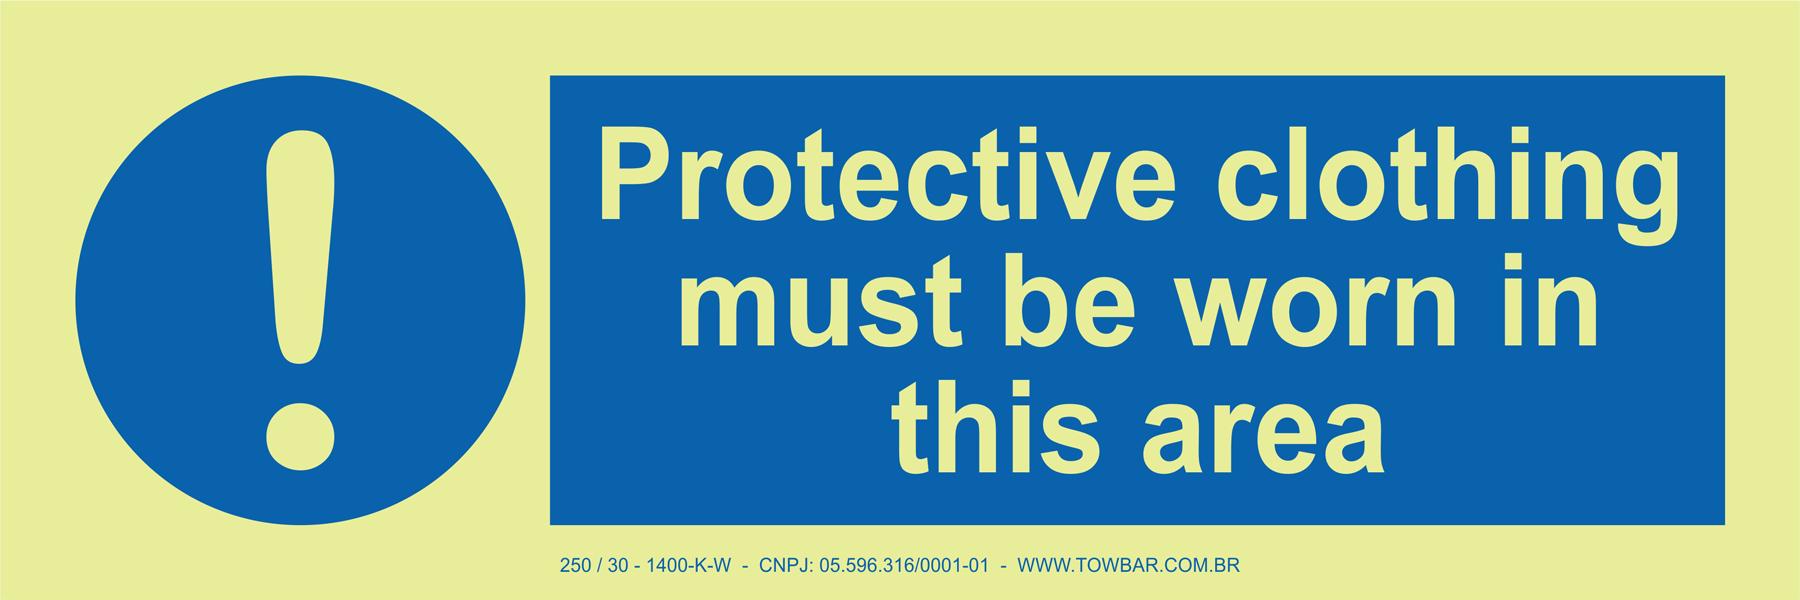 Protective Clothing Must be Worn in This Area  - Towbar Sinalização de Segurança